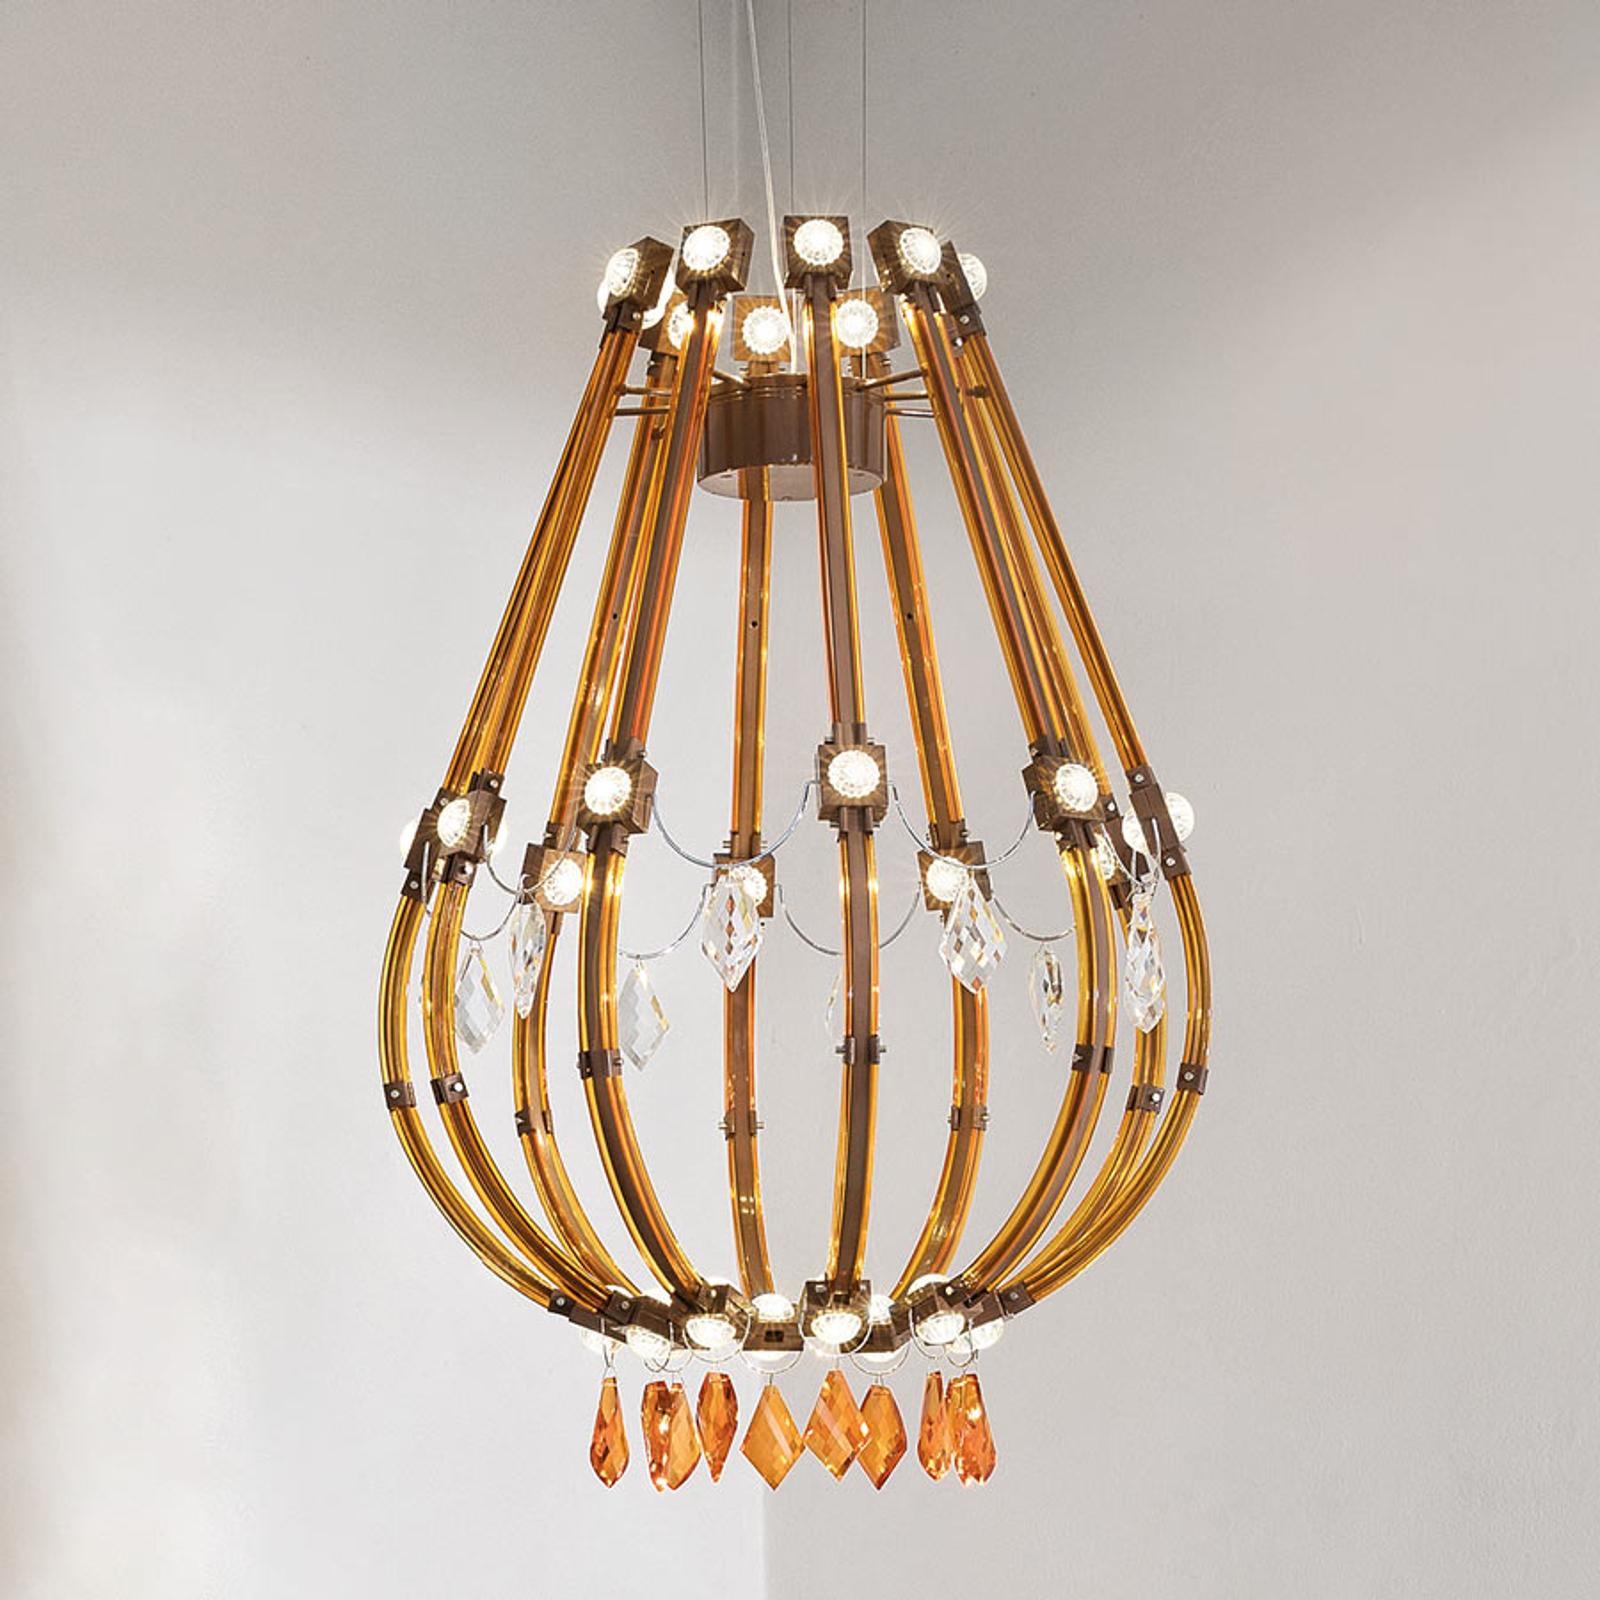 Suspension LED Raqam E brun-orange